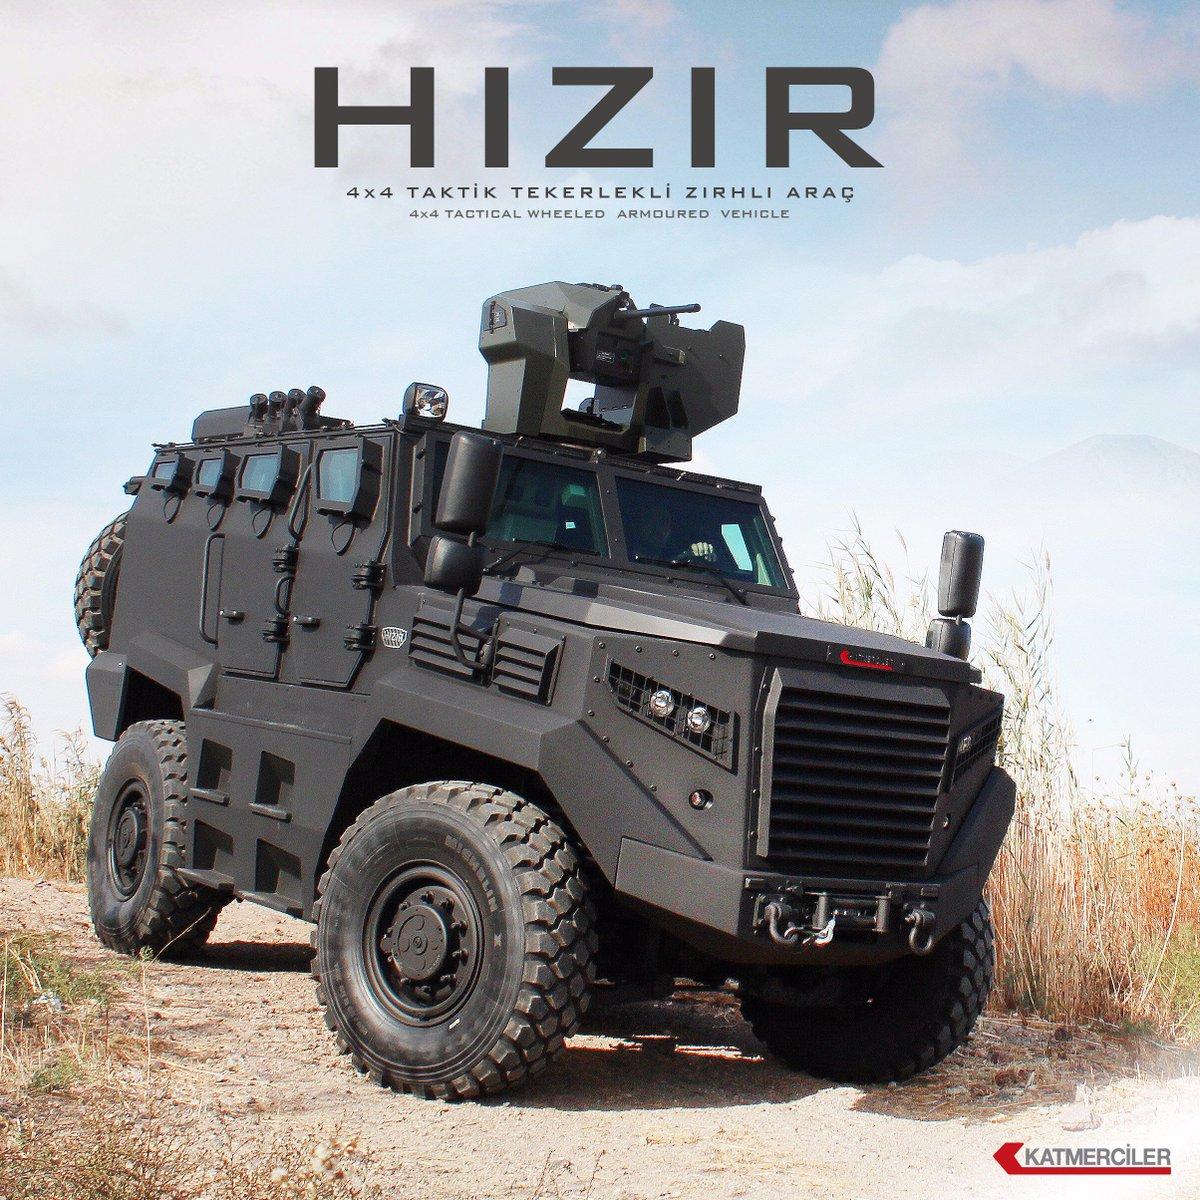 العربه HIZIR المدرعه من شركة Katmerciler التركيه  Cw5RrFhW8AAwCXO